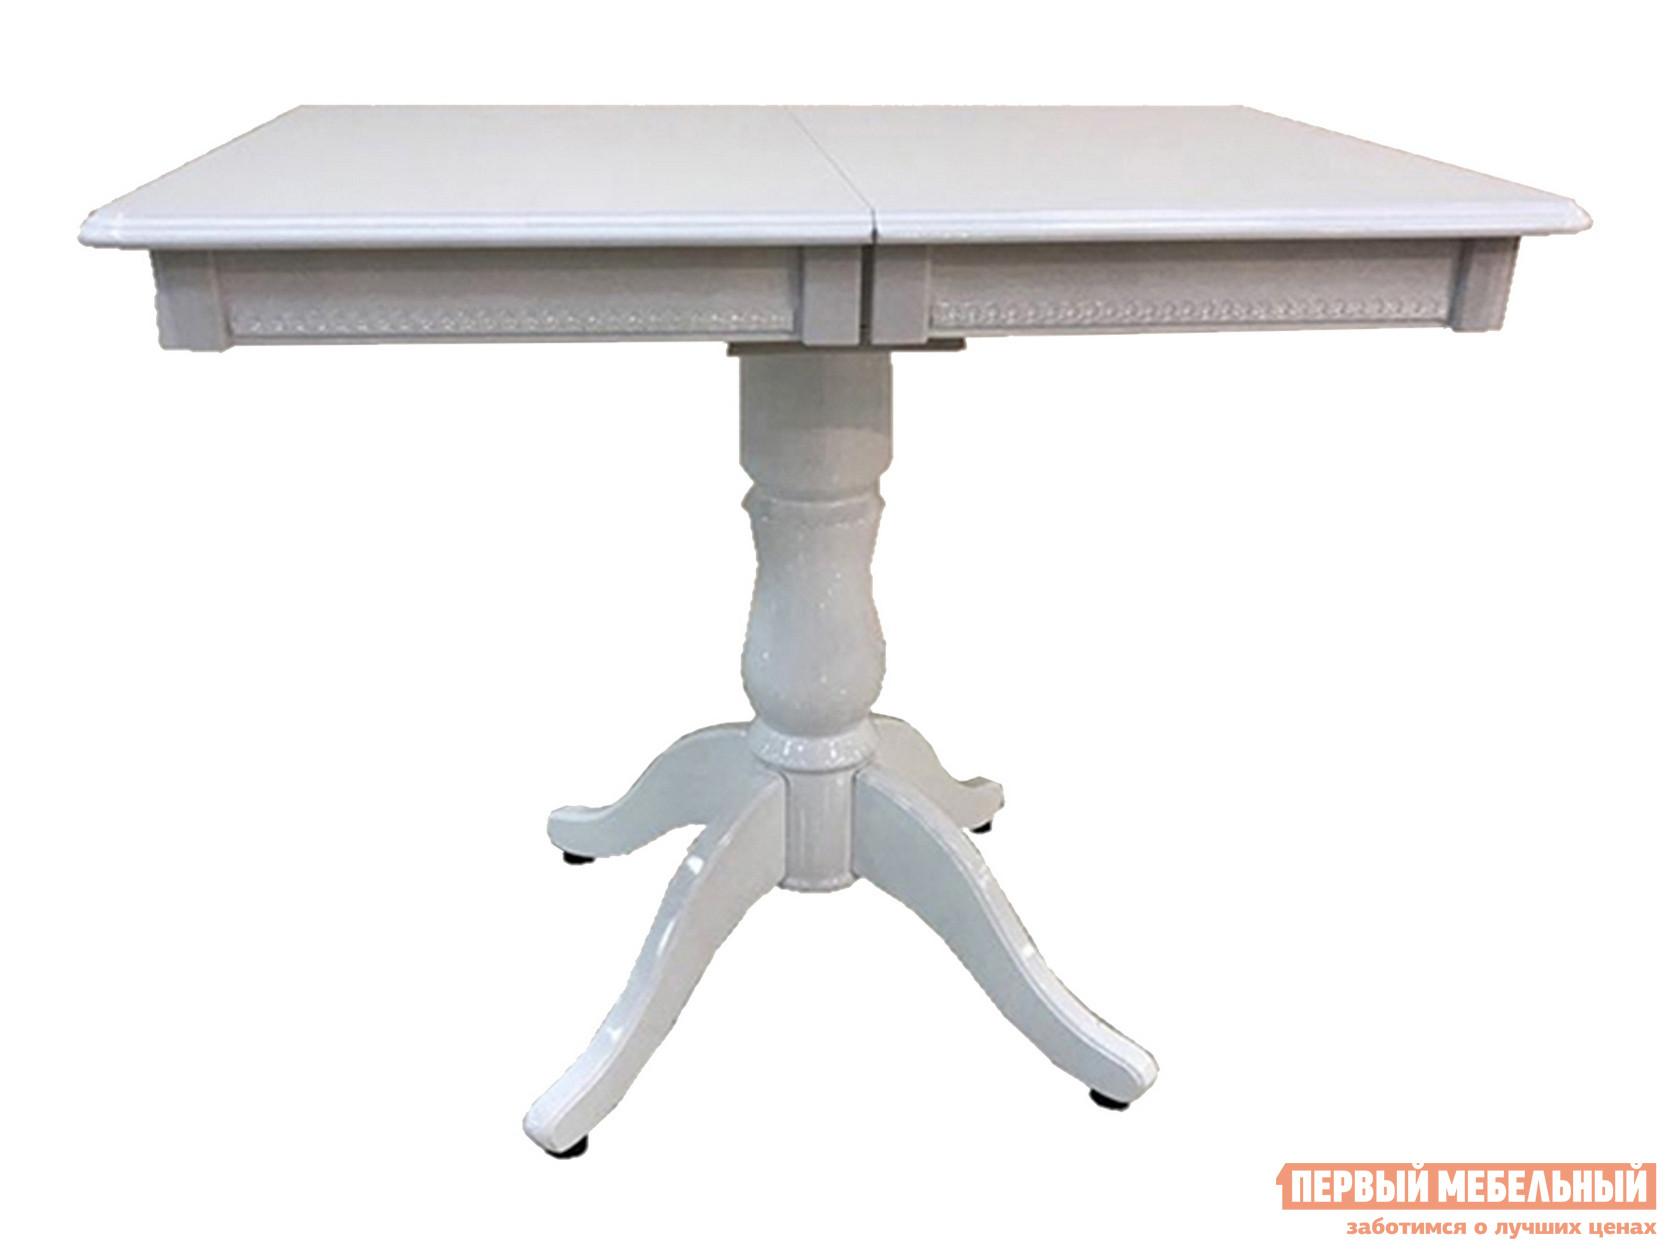 Обеденный стол ДИК Стол Альт 69-31 обеденный стол дик стол альт 69 11